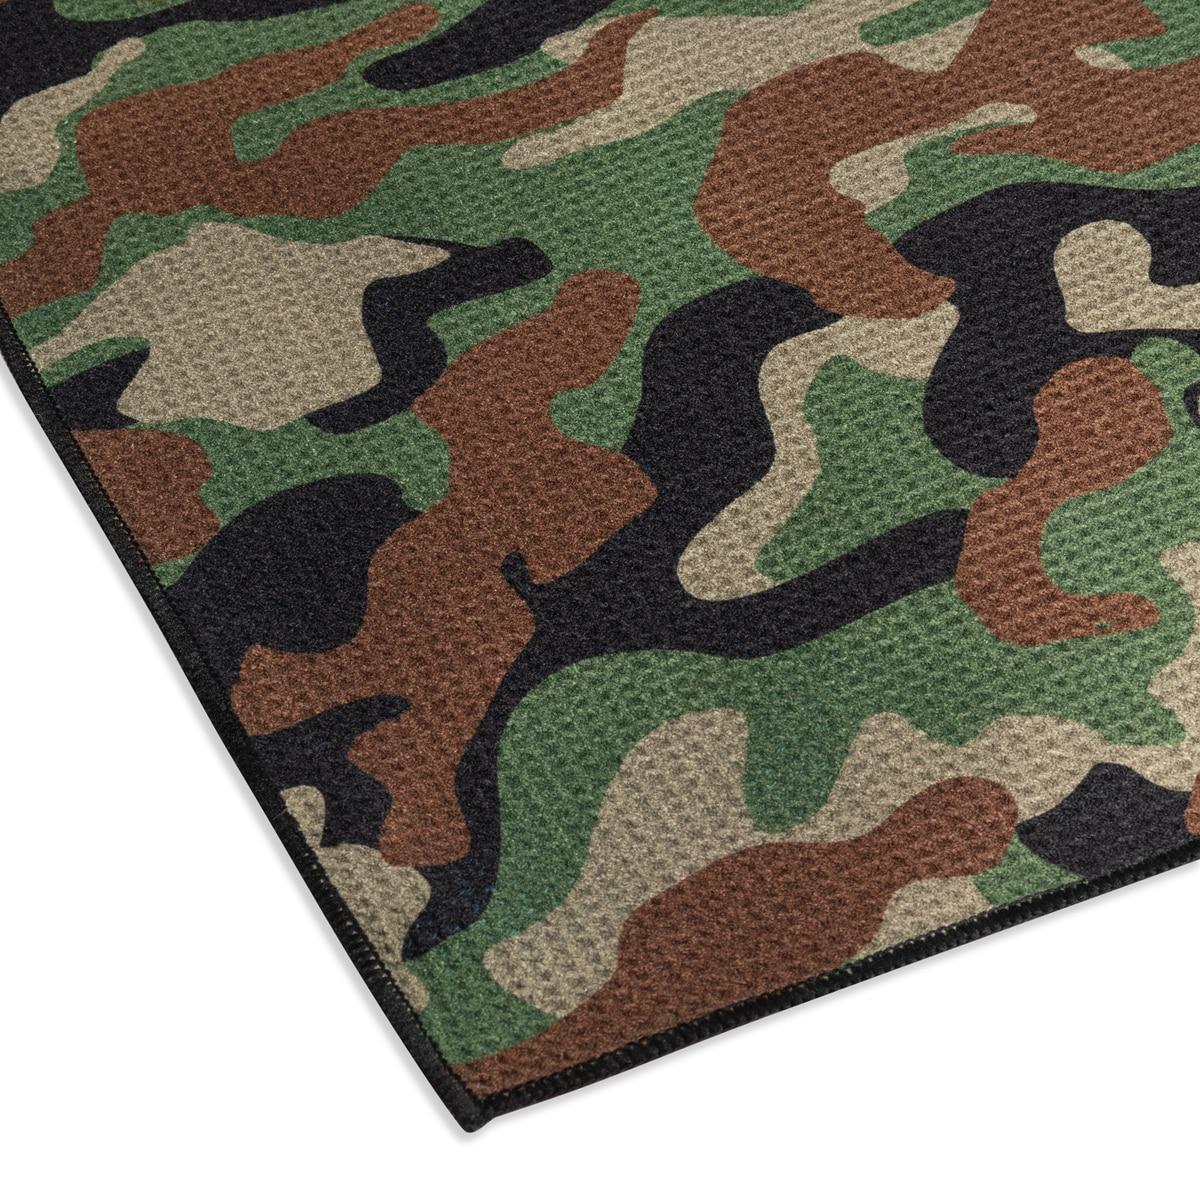 Camo Microfiber Towel